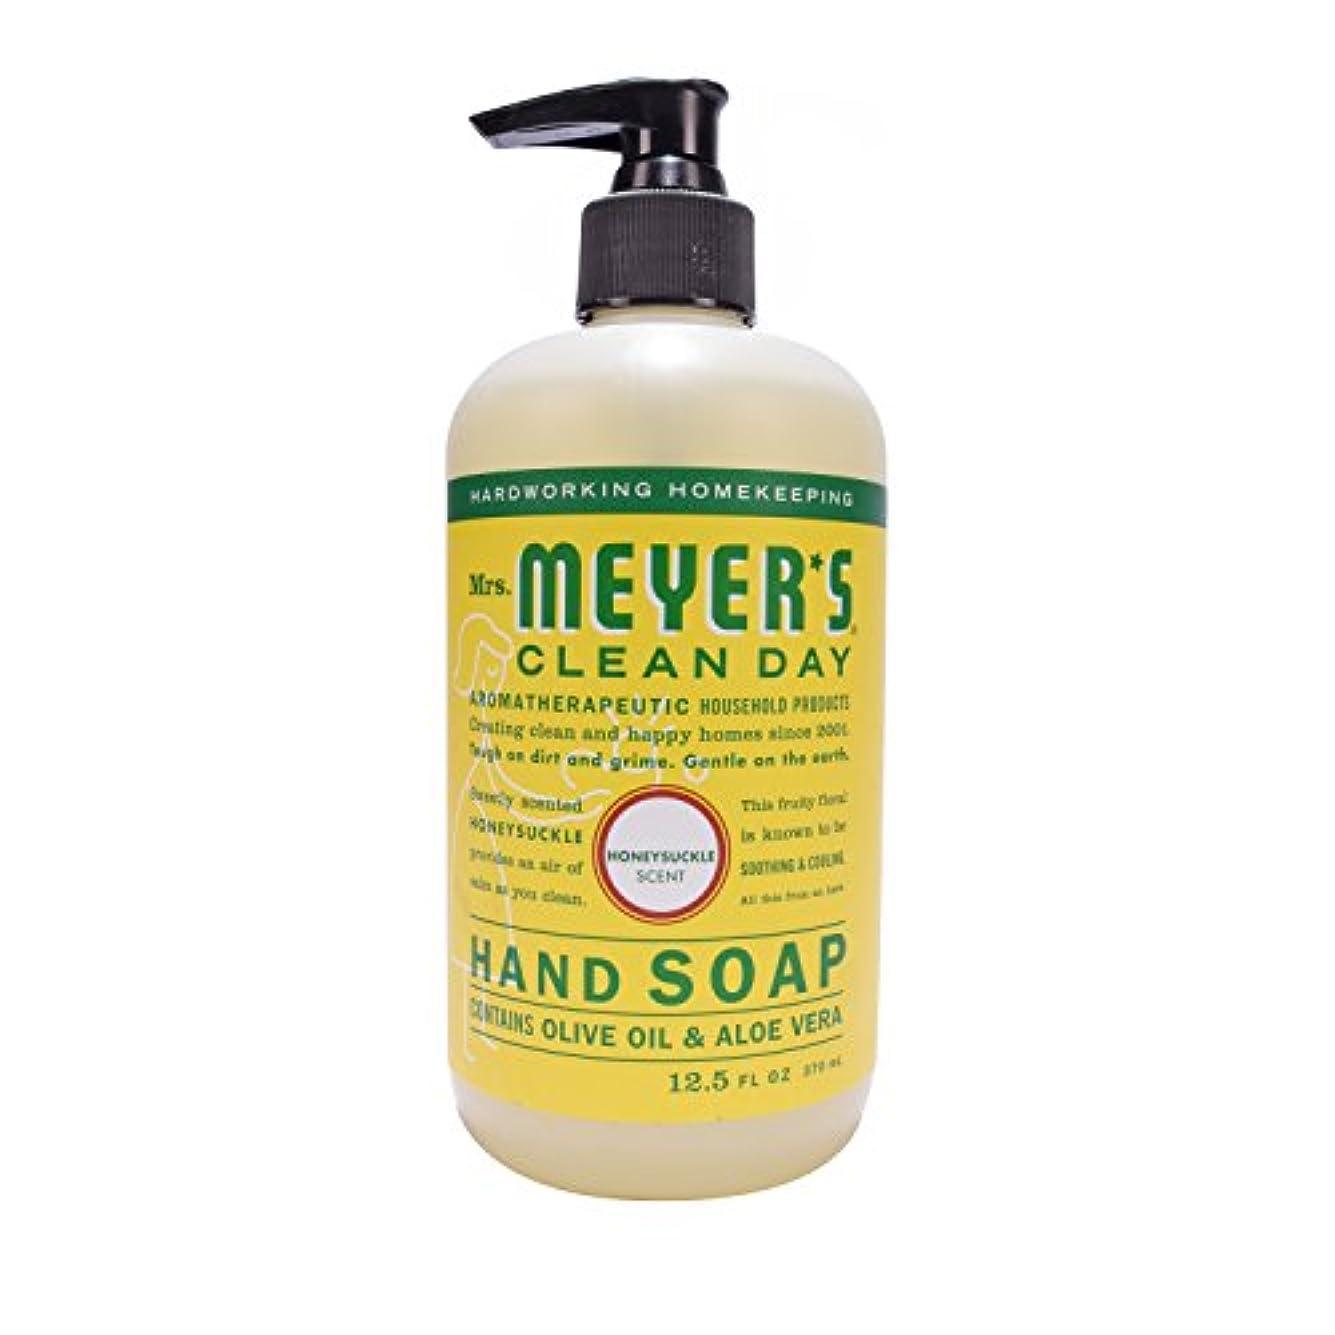 軸消す重要な役割を果たす、中心的な手段となるMrs. Meyer's Clean Day Hand Soap Liquid, Honeysuckle, 12.5-Fluid Ounce Bottles by Mrs. Meyer's Clean Day